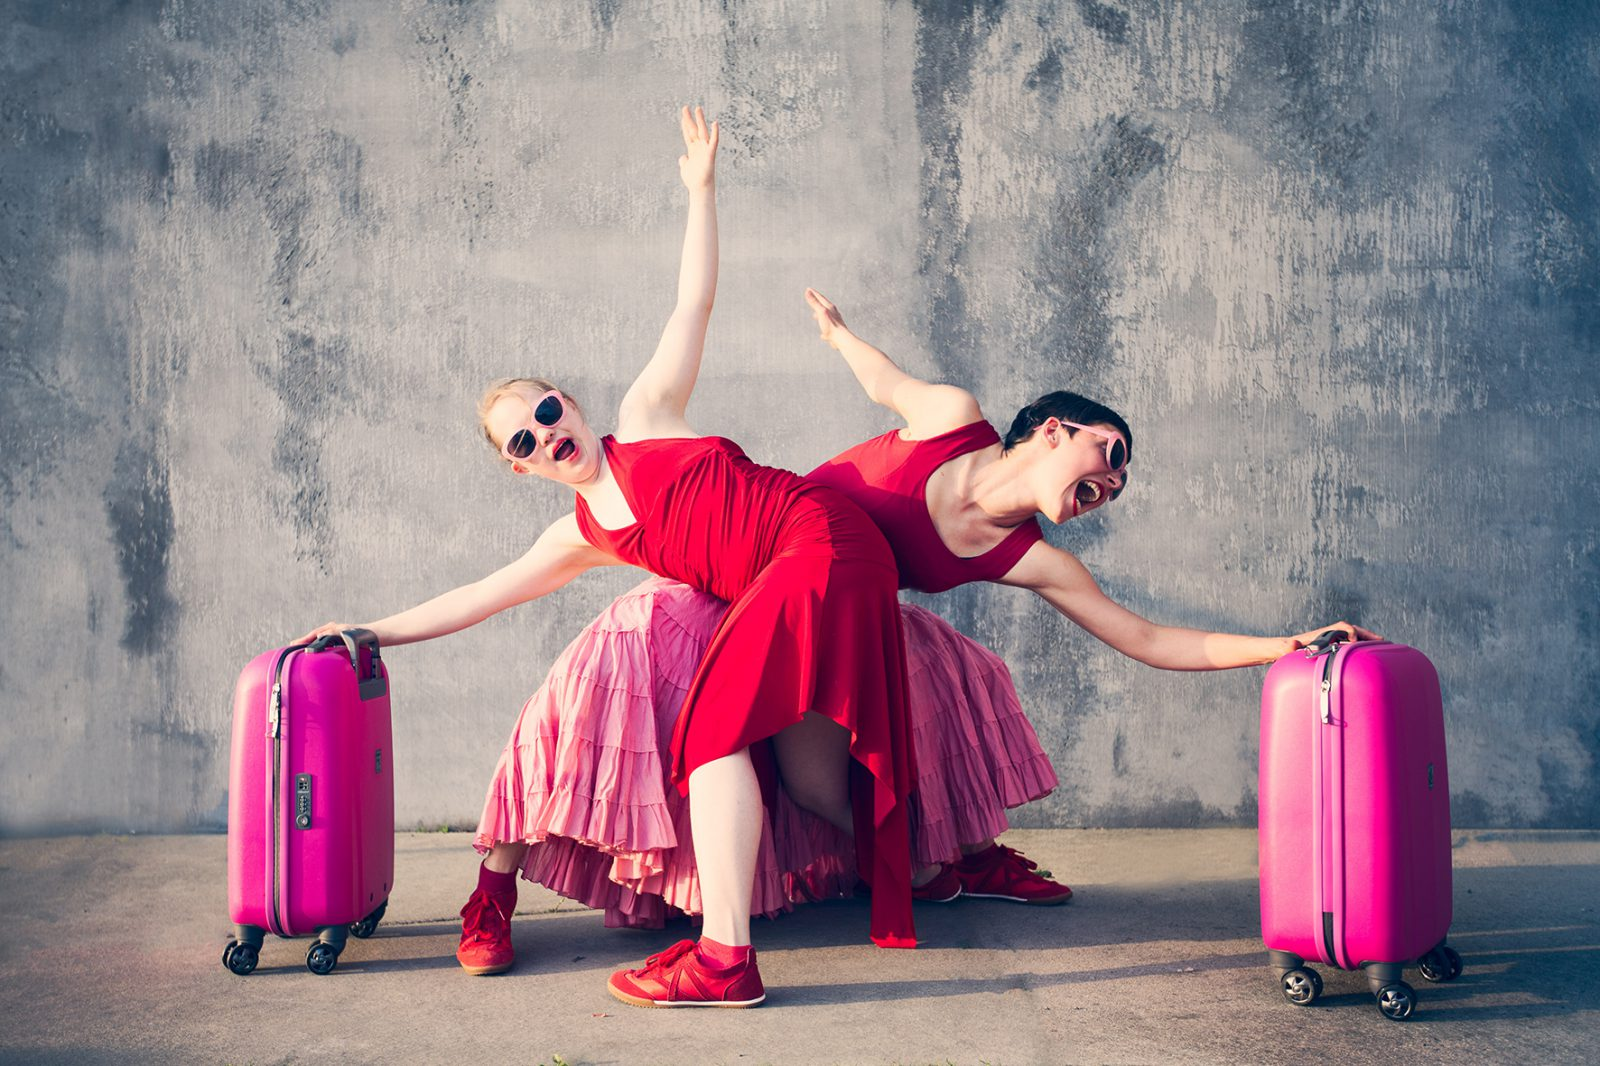 zwei Tänzerinnen gegenüber, mit rosa Koffern